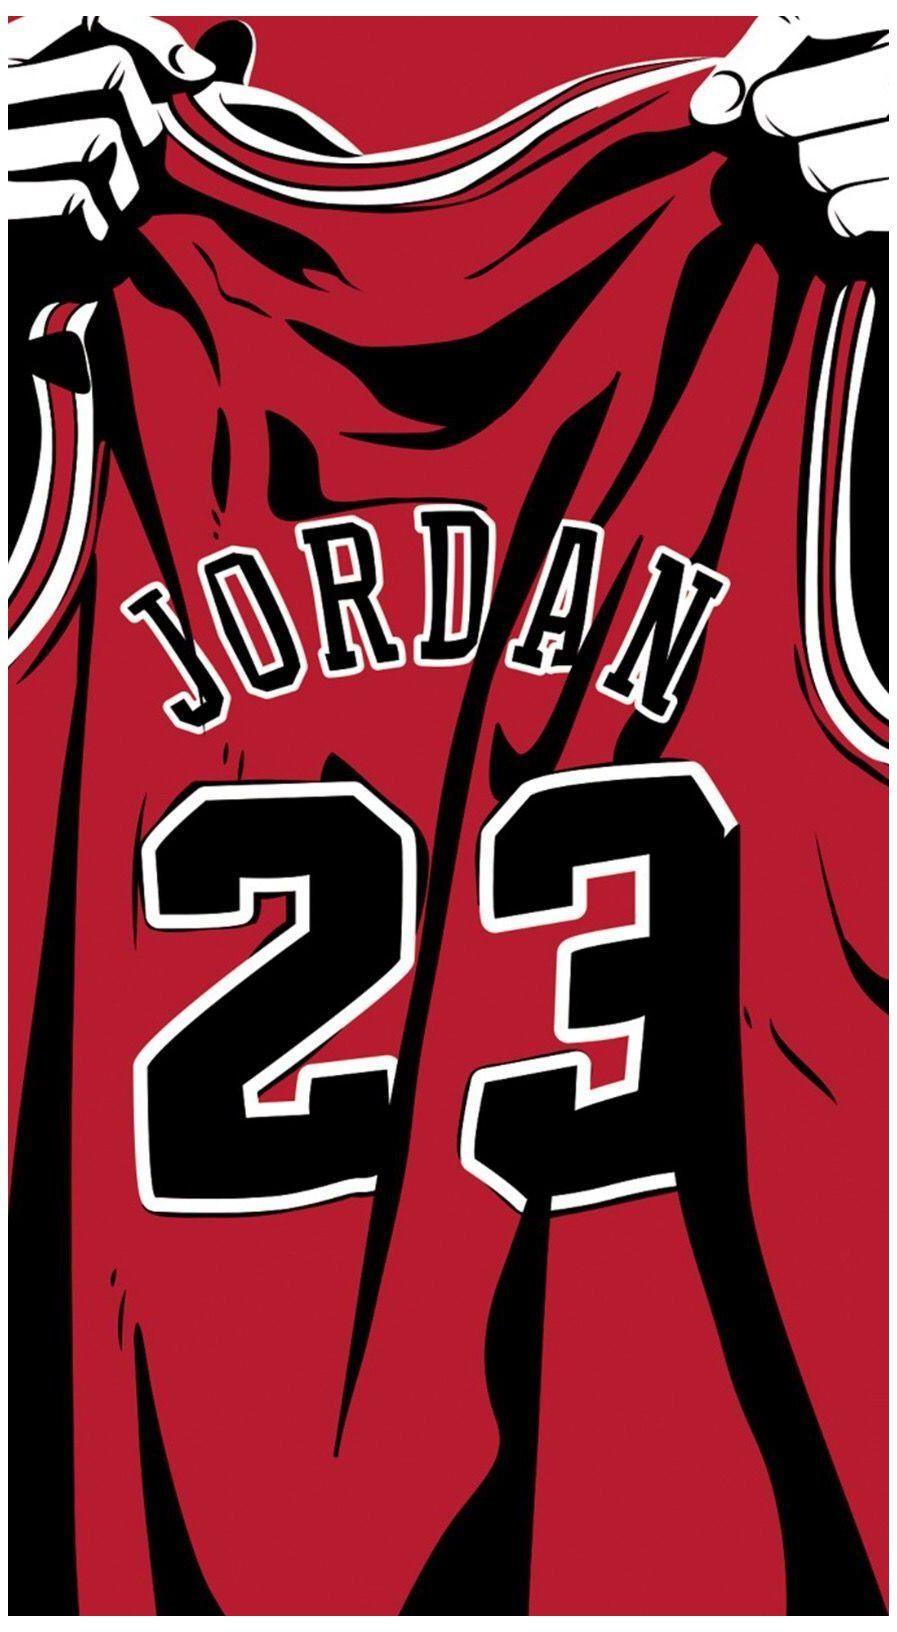 Basketball Netting Barrier Basketballnettingbarrier In 2021 Basketball Art Michael Jordan Art Jordan Logo Wallpaper